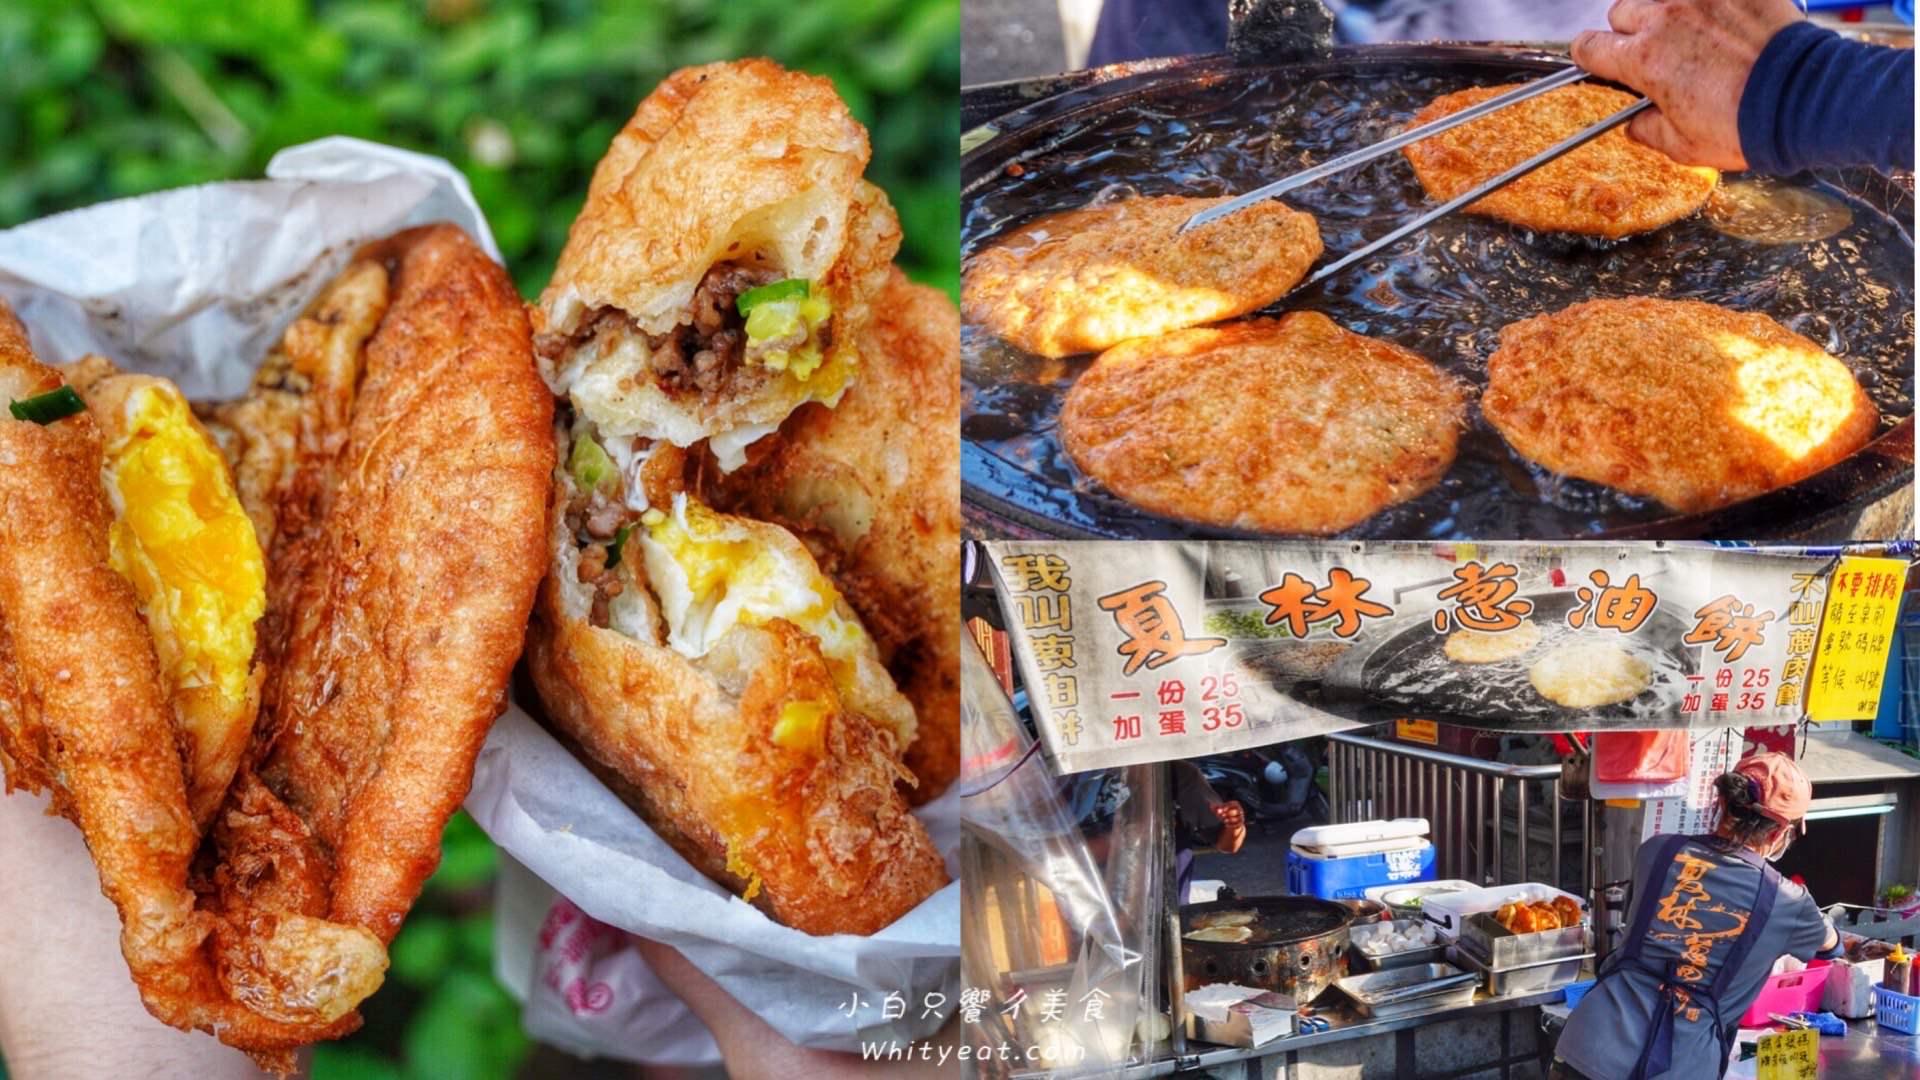 【台南美食】台南最強炸彈蔥油餅!飄香在地30多年,天天都在排隊生意超好 堅持每日手工現包現煎 – 夏林蔥油餅